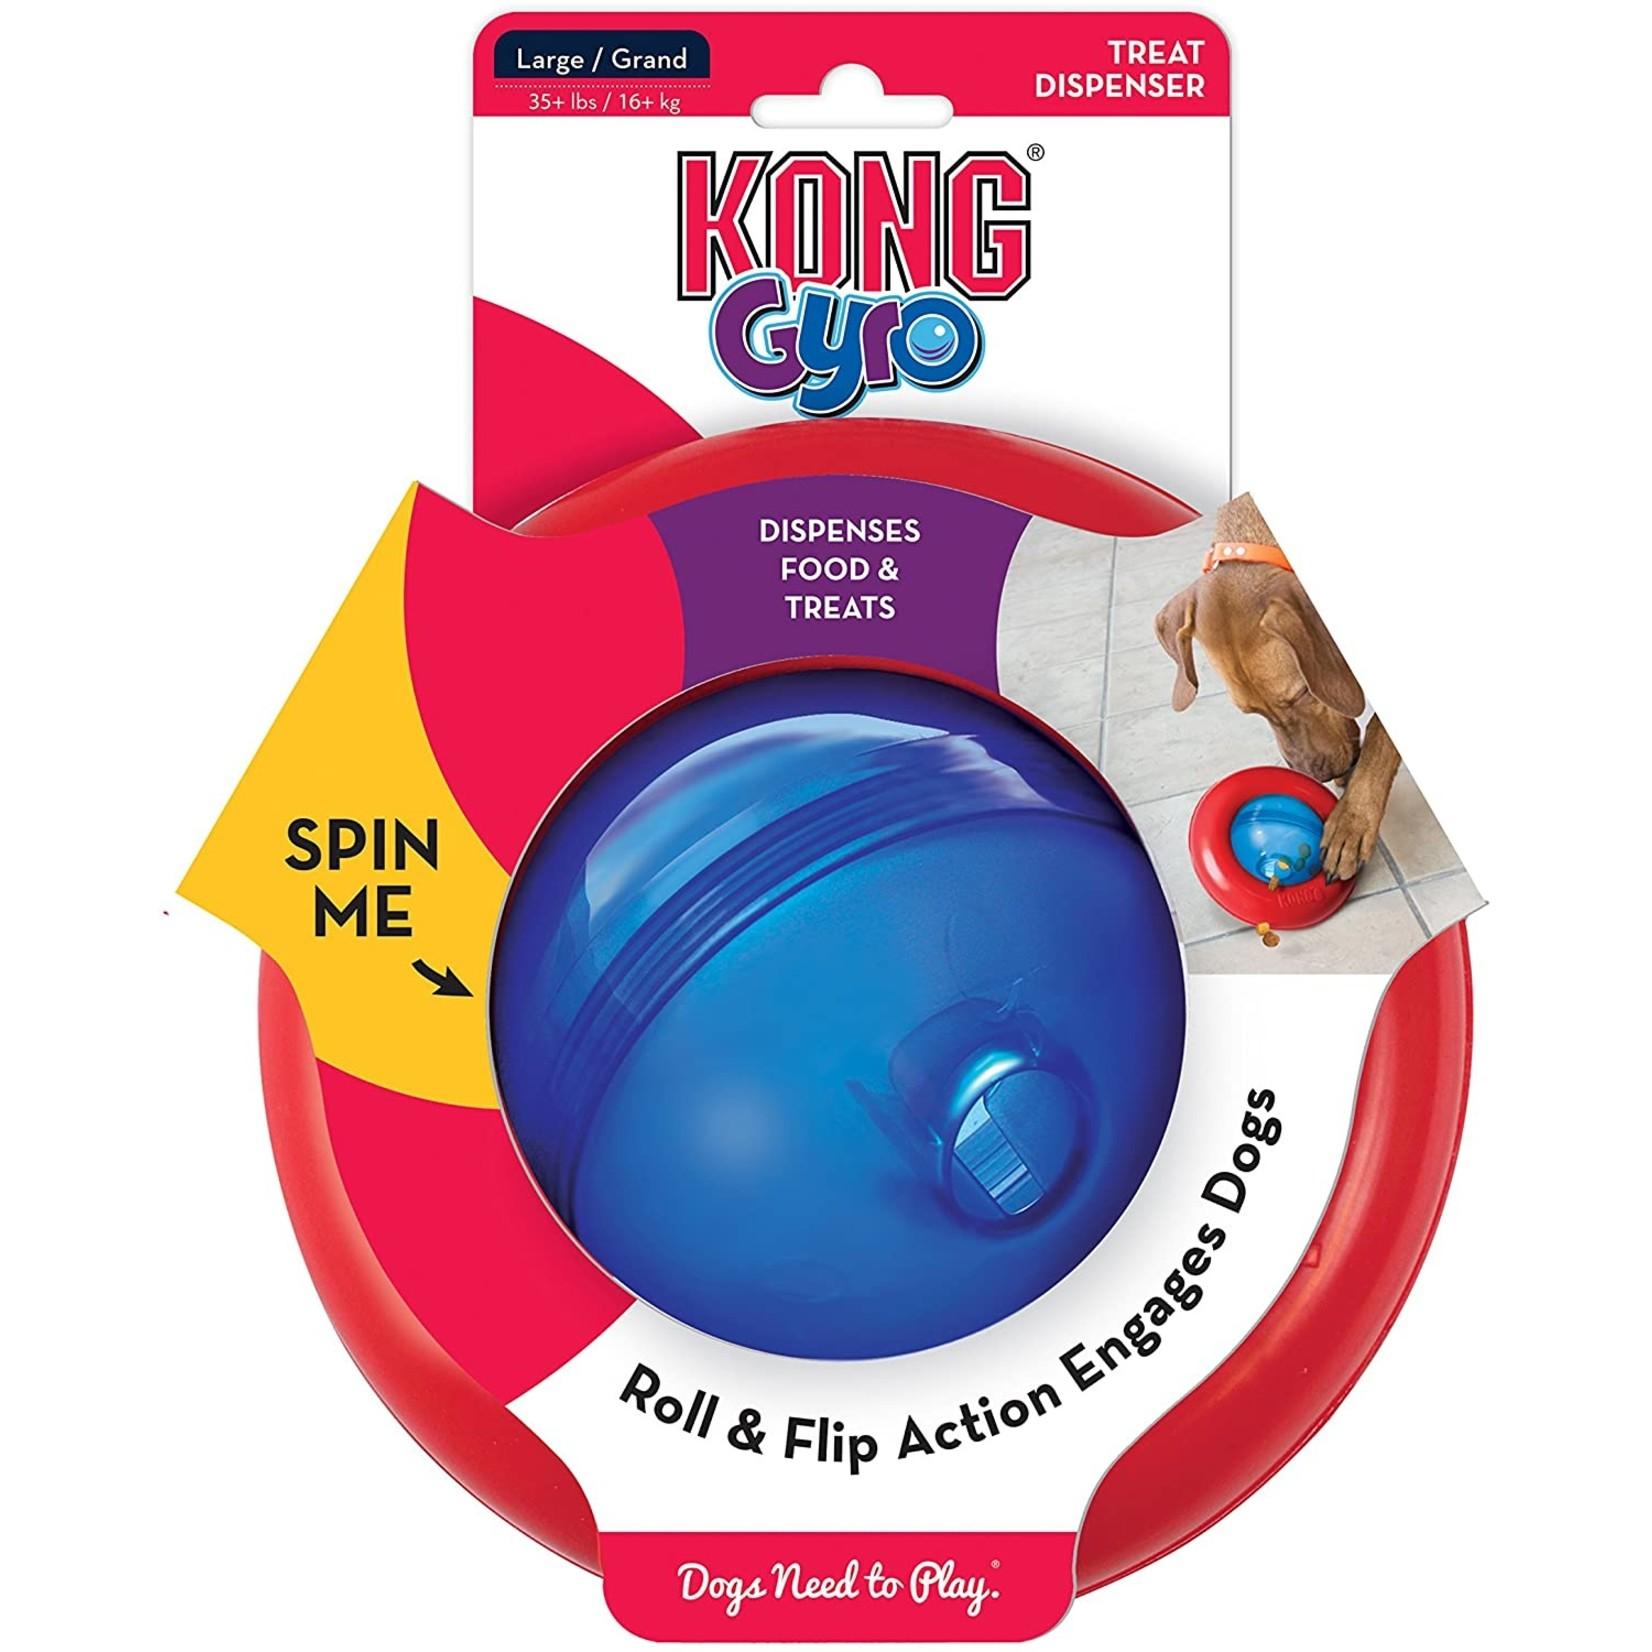 Kong Kong Gyro Treat Dispenser Large